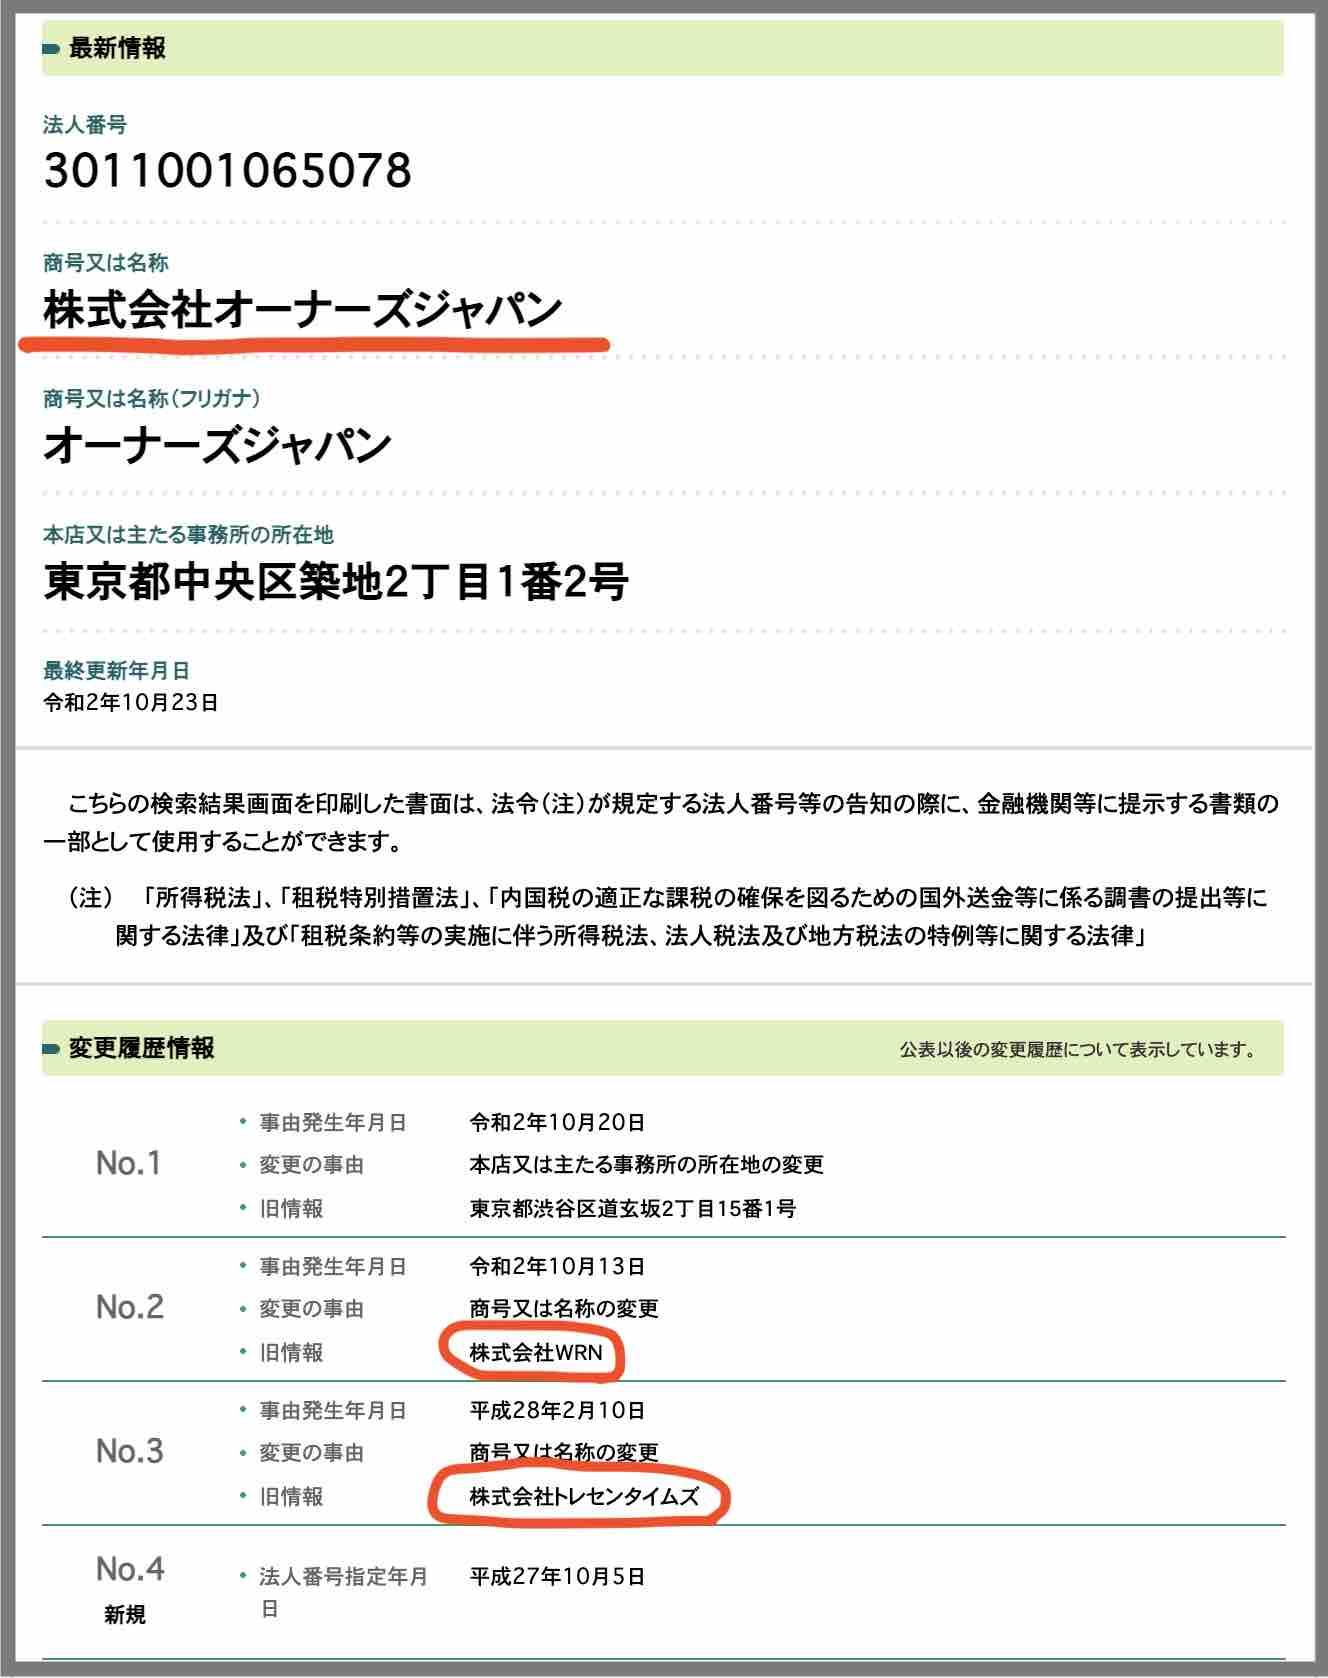 オーナーズジャパンという競馬予想サイトの運営社情報